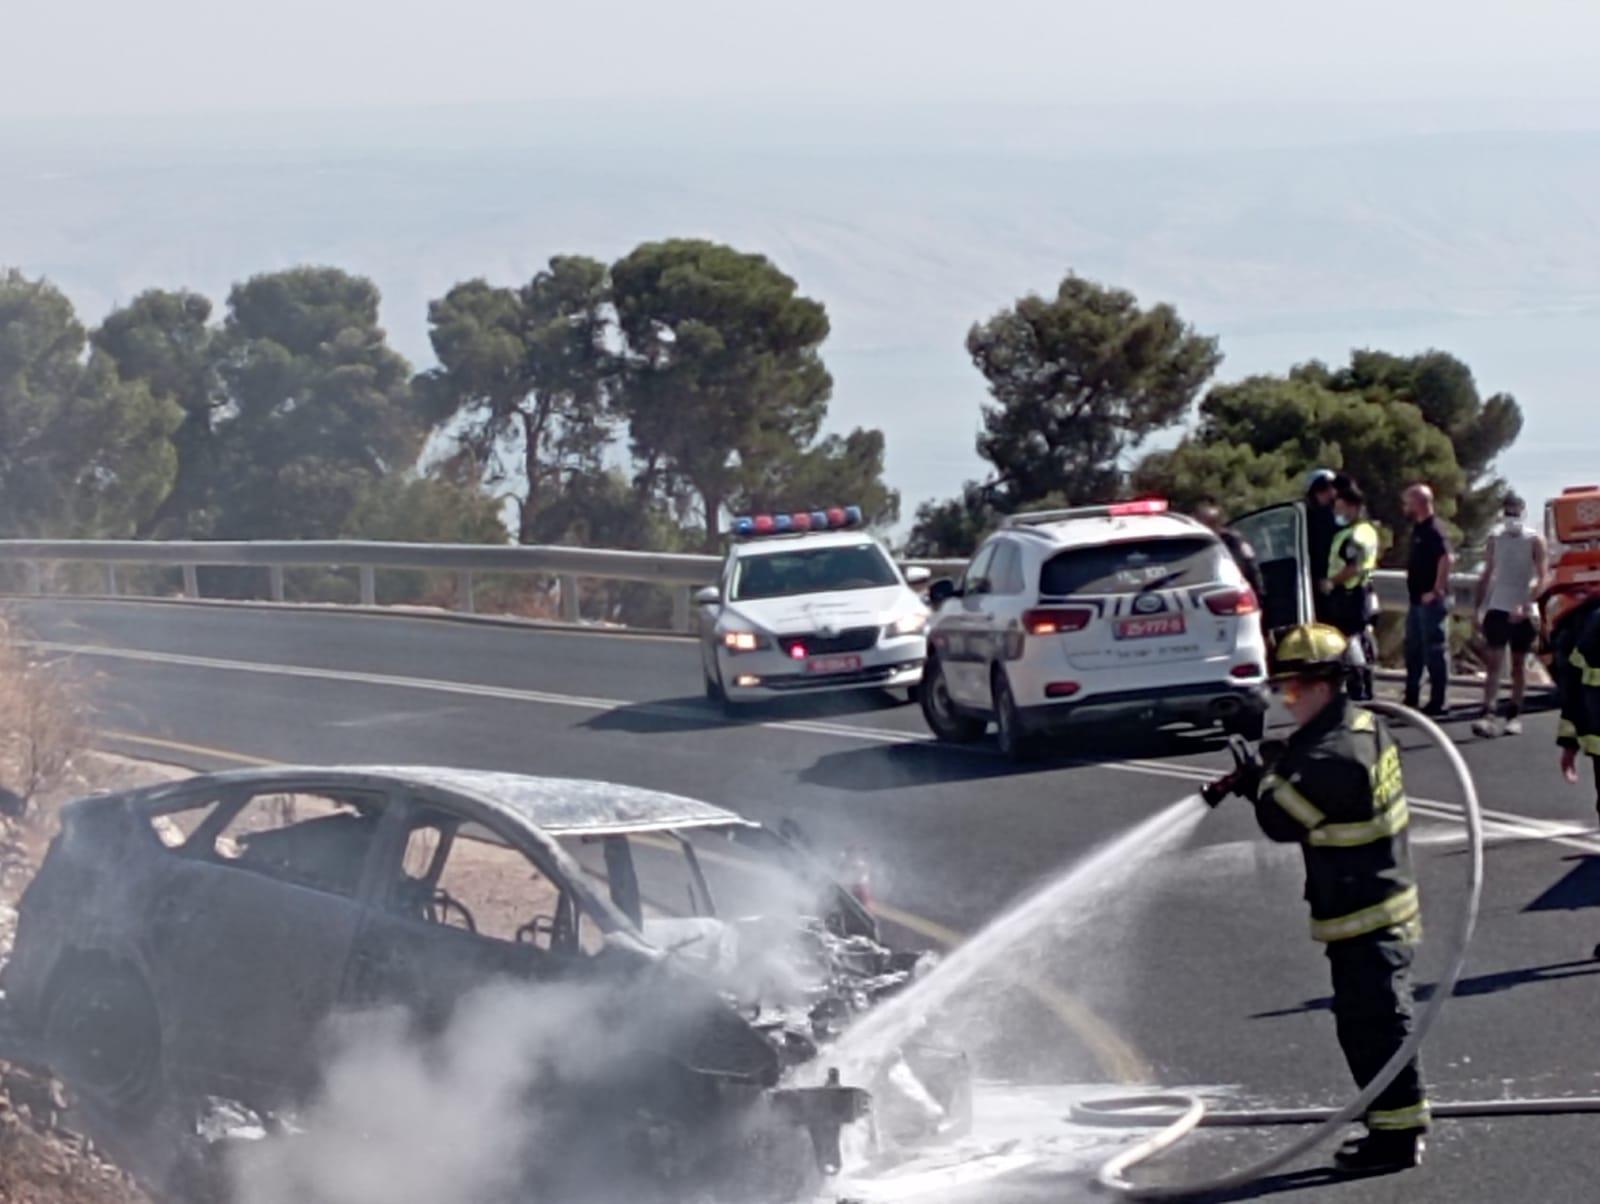 רכב התנגש בחומה ועלה באש בנוף כנרת שלושה פצועים בניהם פעוטה בת חצי שנה במצב בינוני